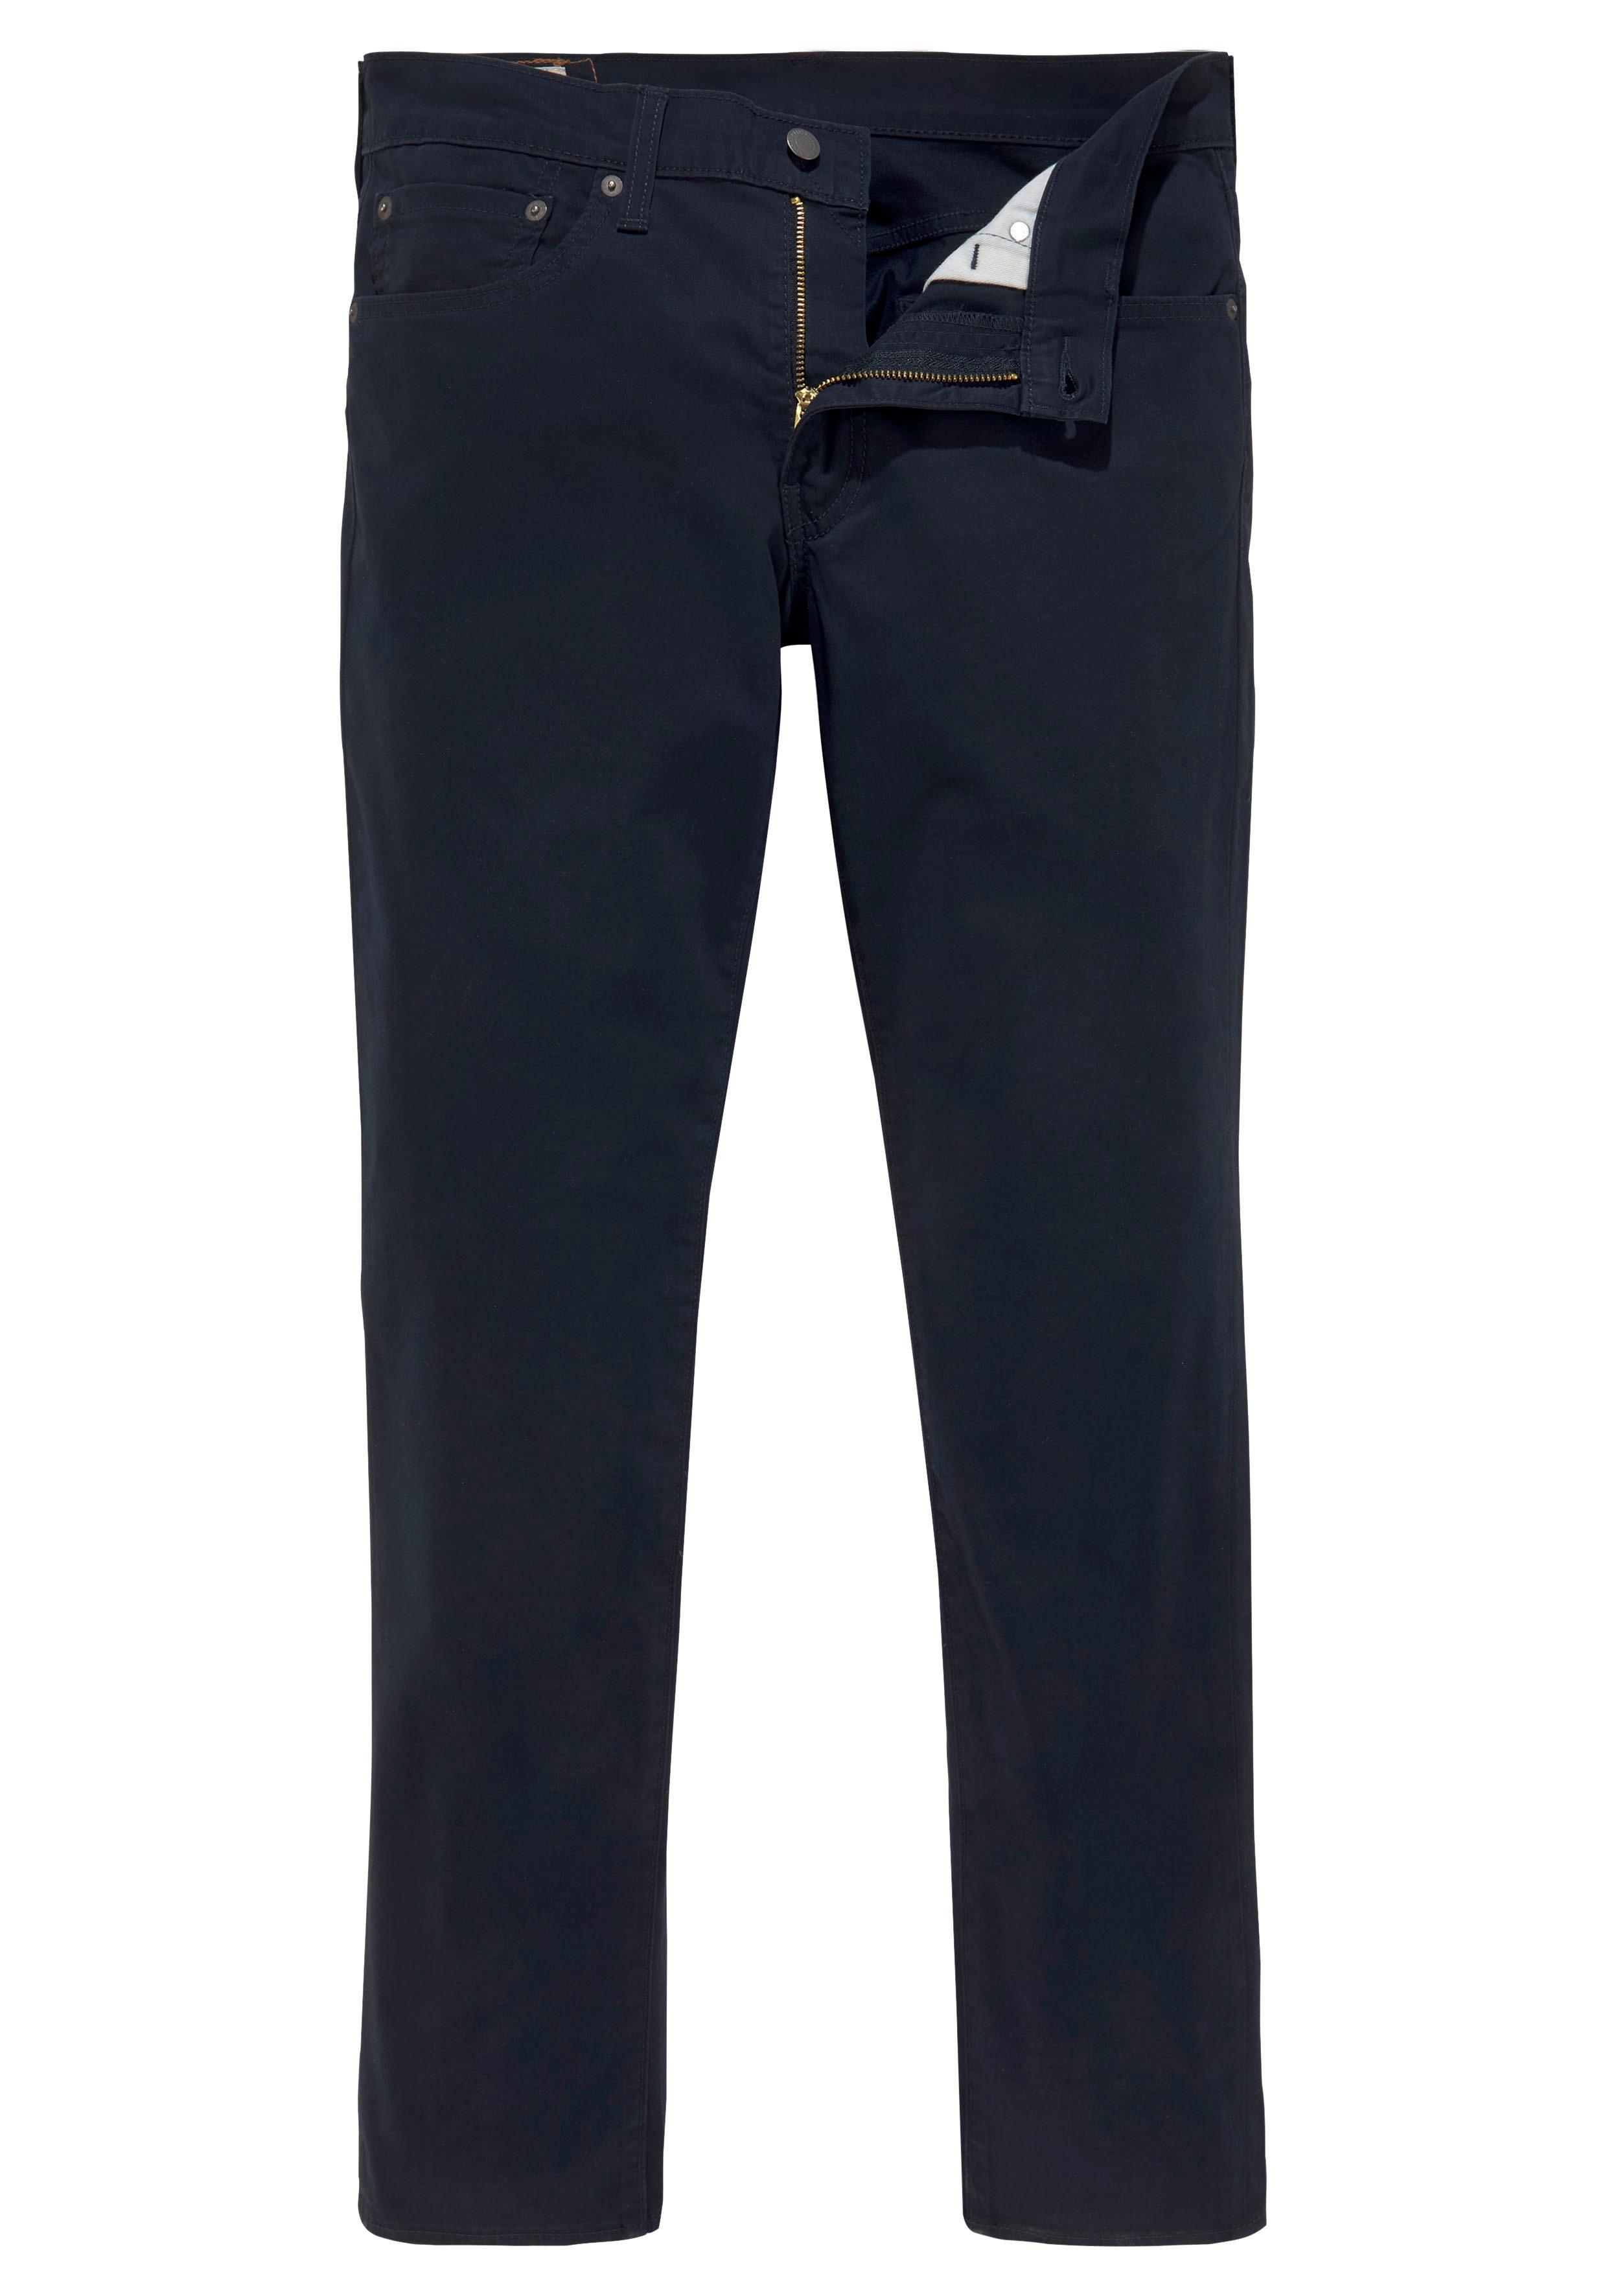 Levi's stretch jeans 511™ in 5-pocketsstijl bestellen: 30 dagen bedenktijd